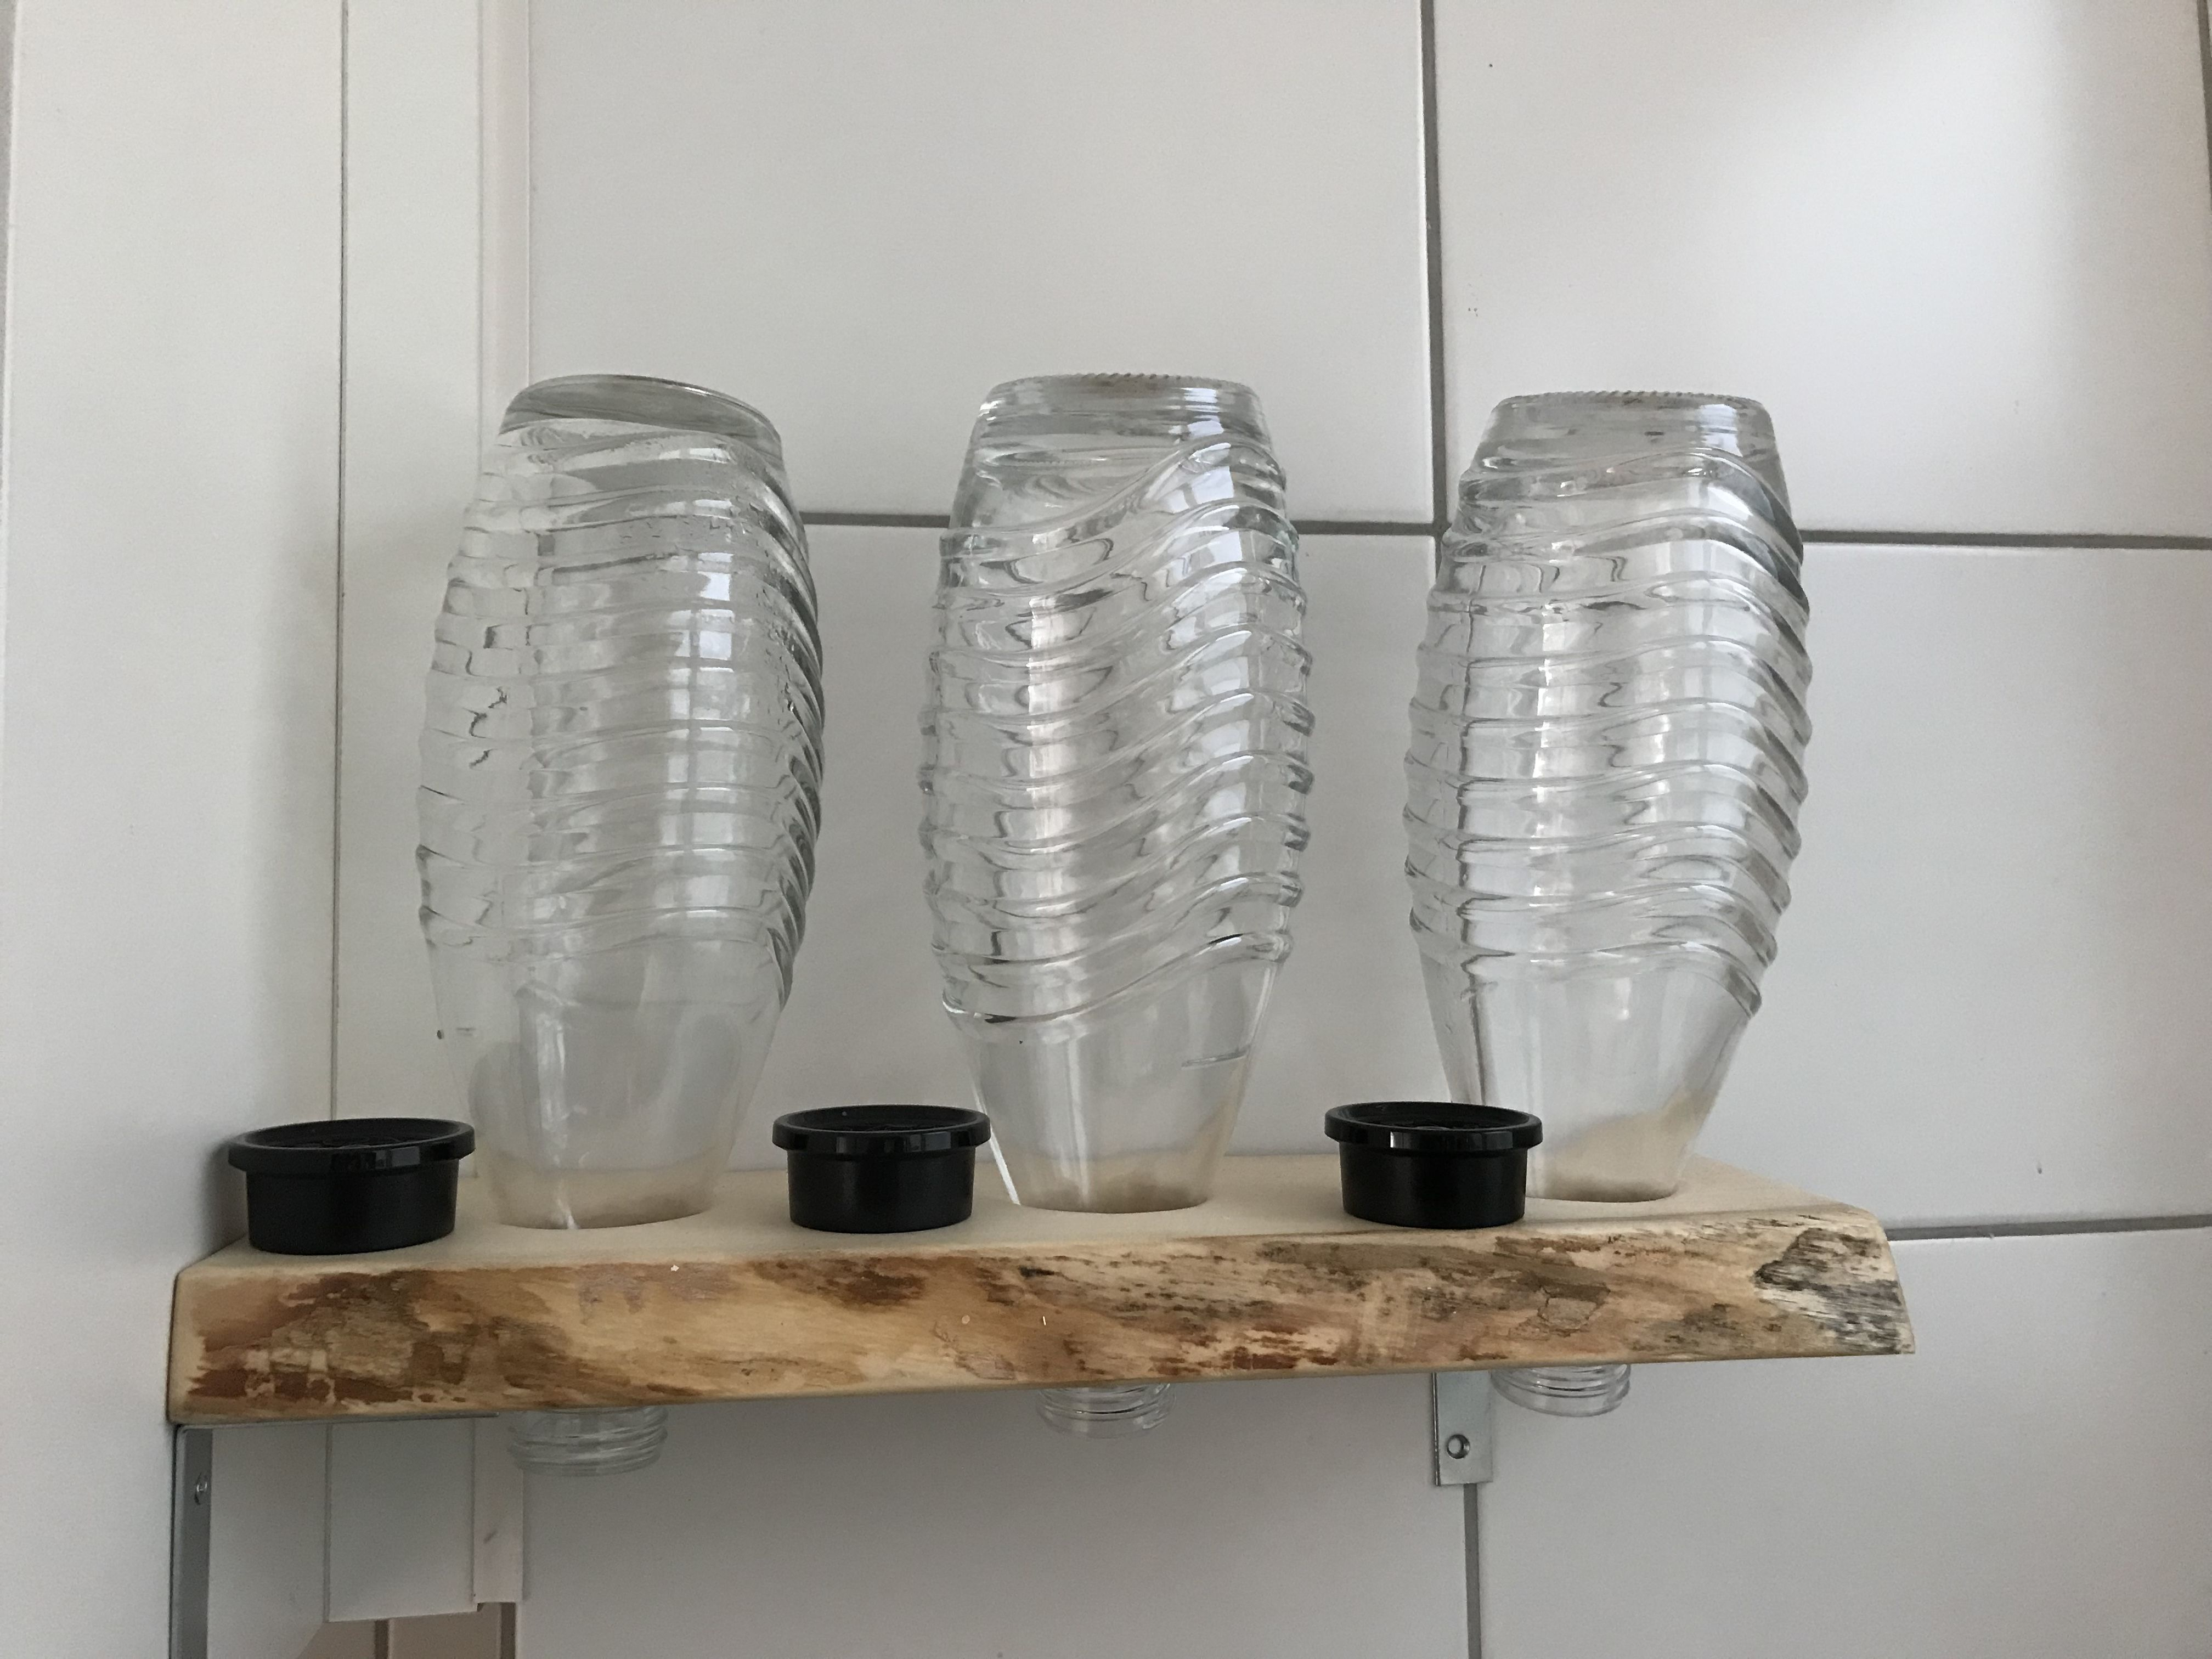 DIY Flaschenhalter für Sodastream aus Holz zur Aufbewahrung in der Küche #esszimmerlampe